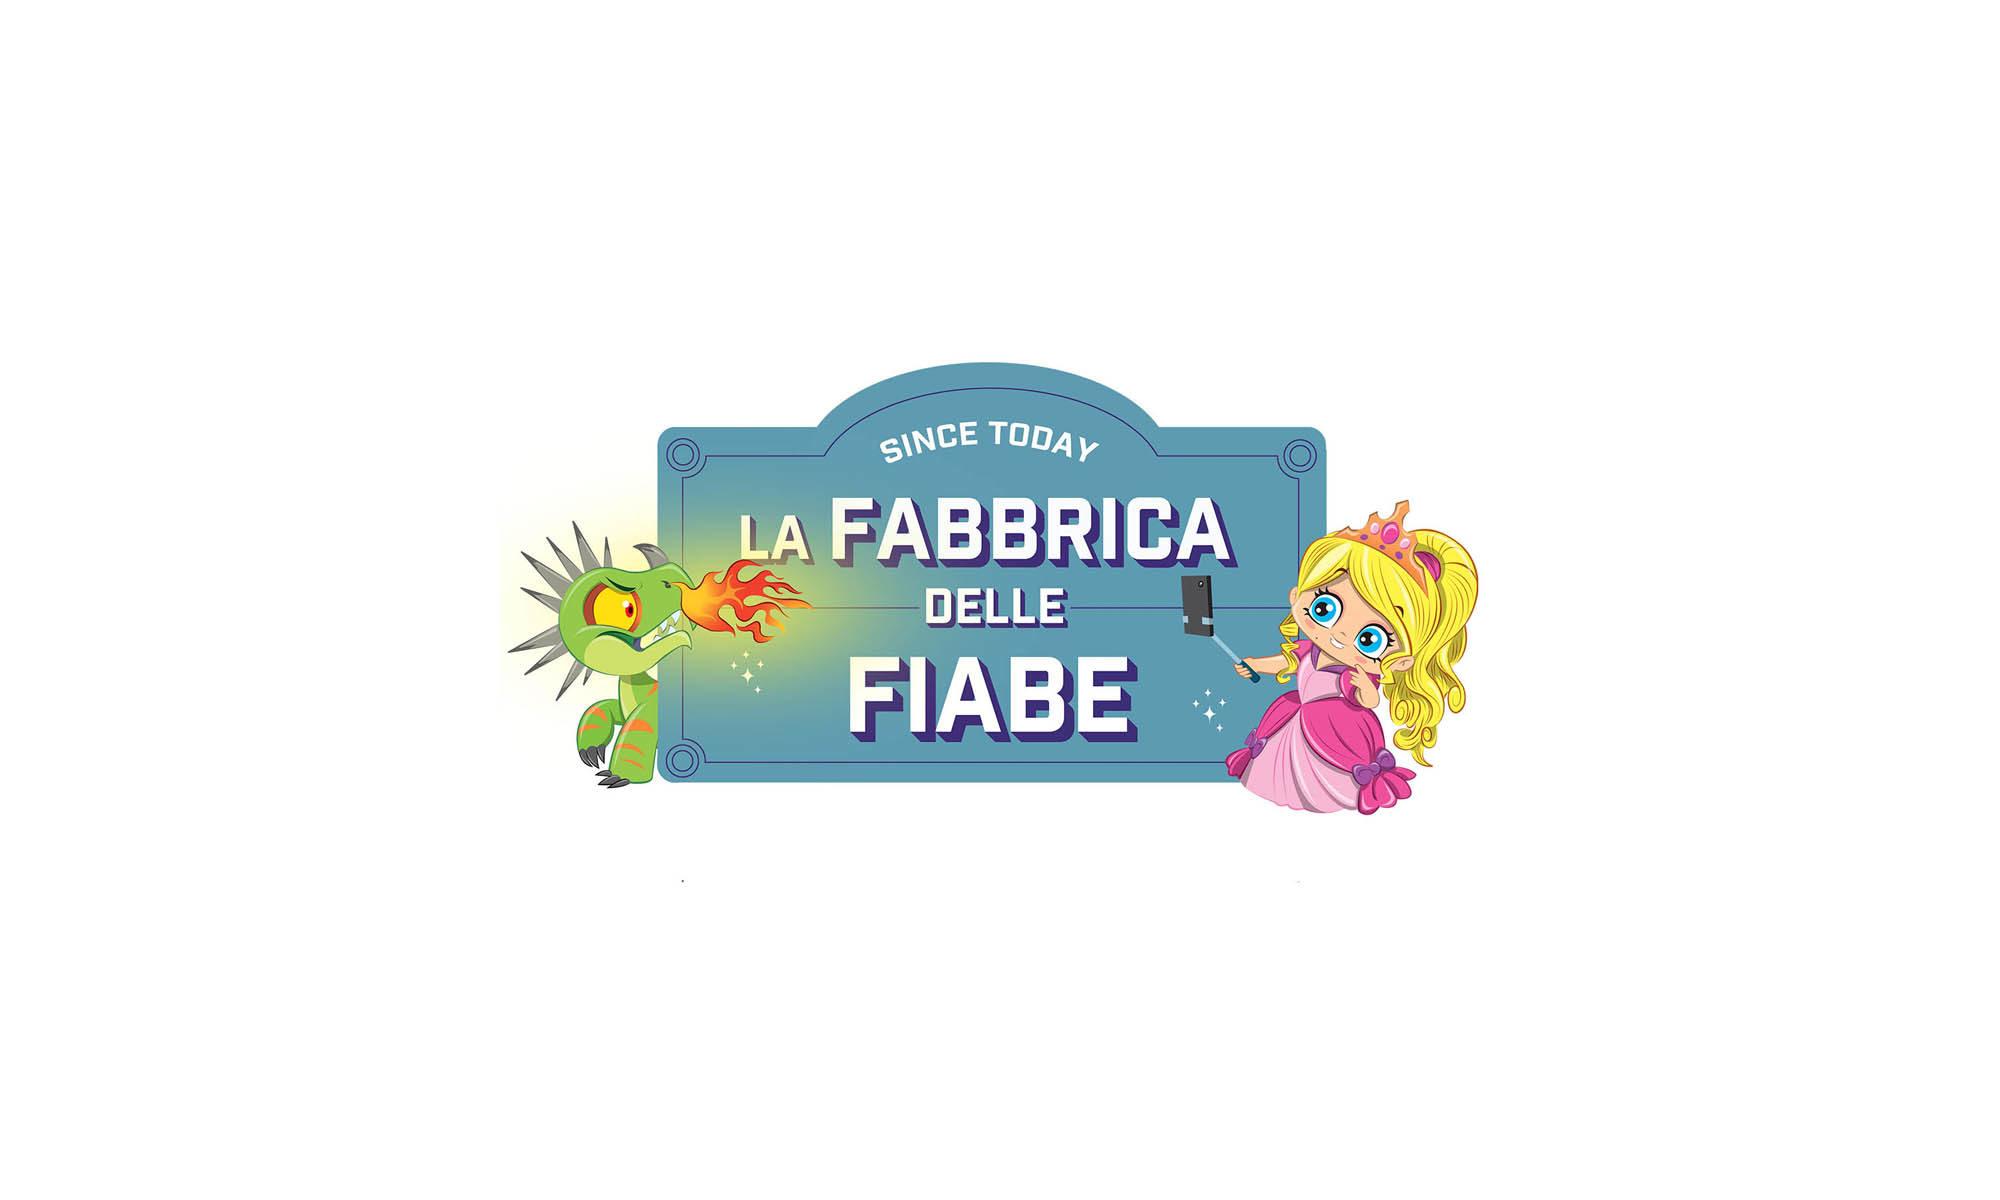 La Fabbrica delle Fiabe